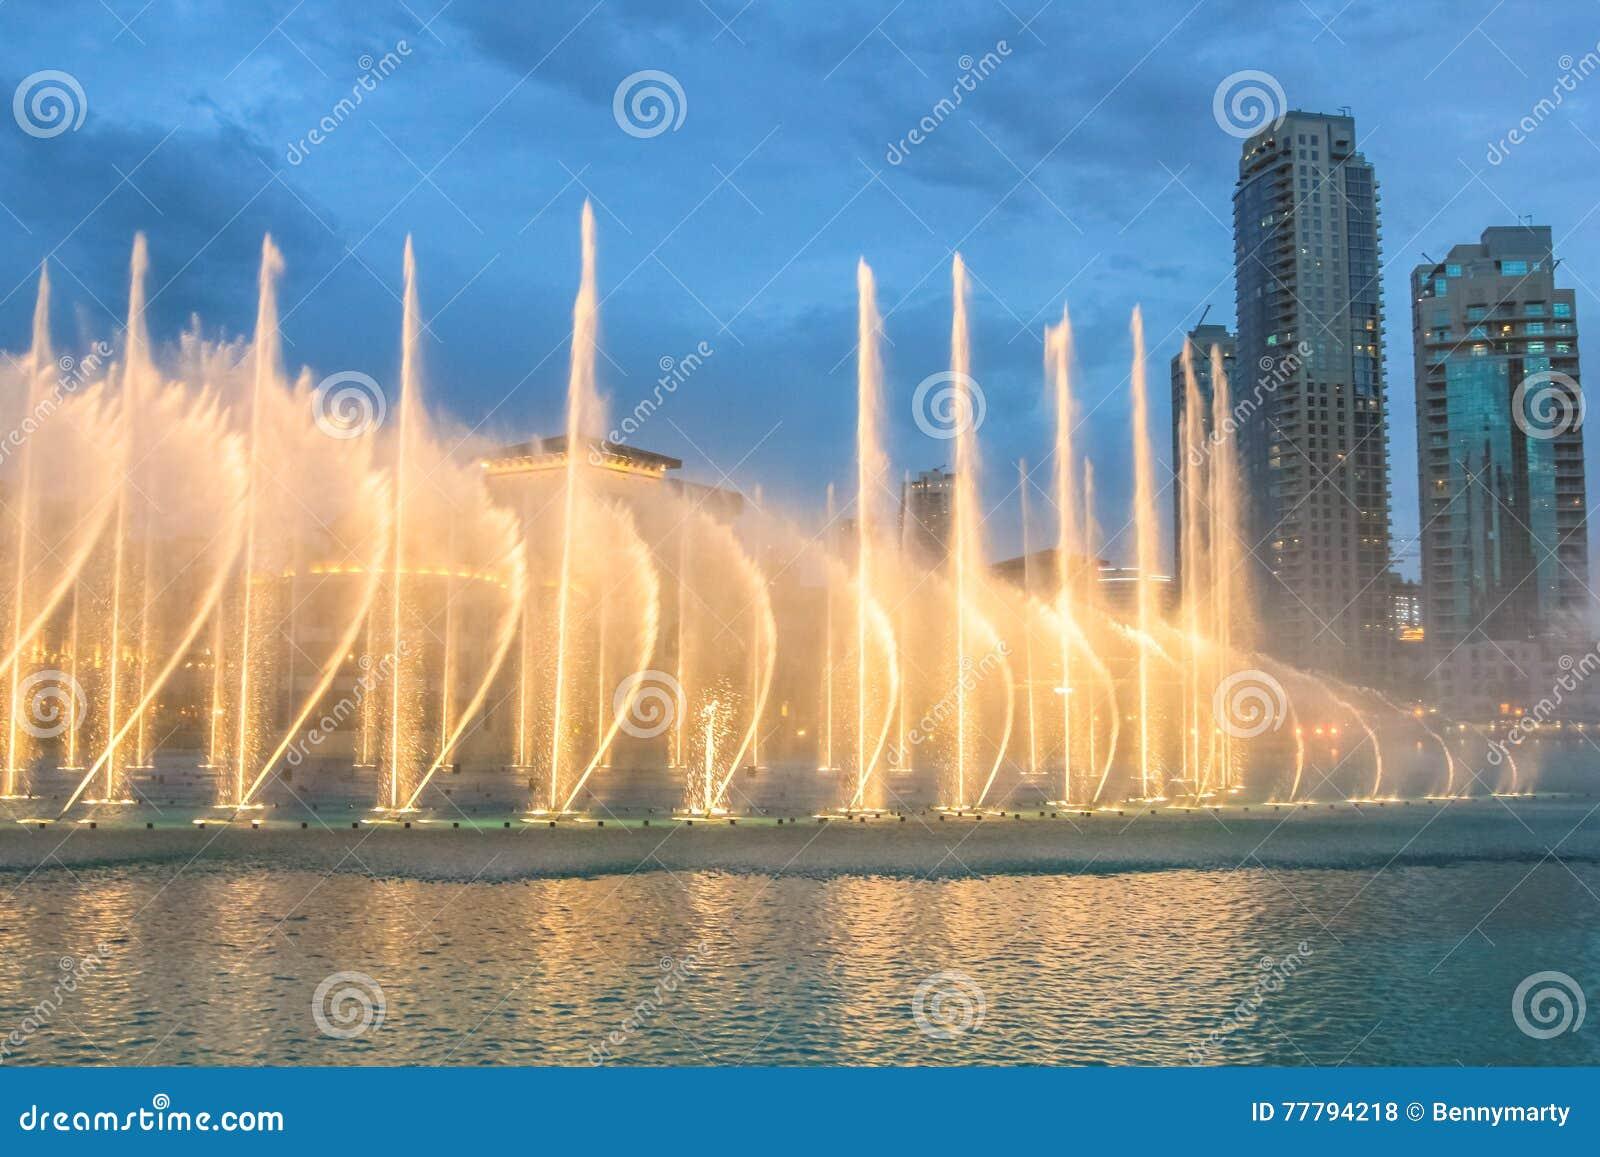 Дубай фонтан музыка скачать работа в америке вакансии для русских